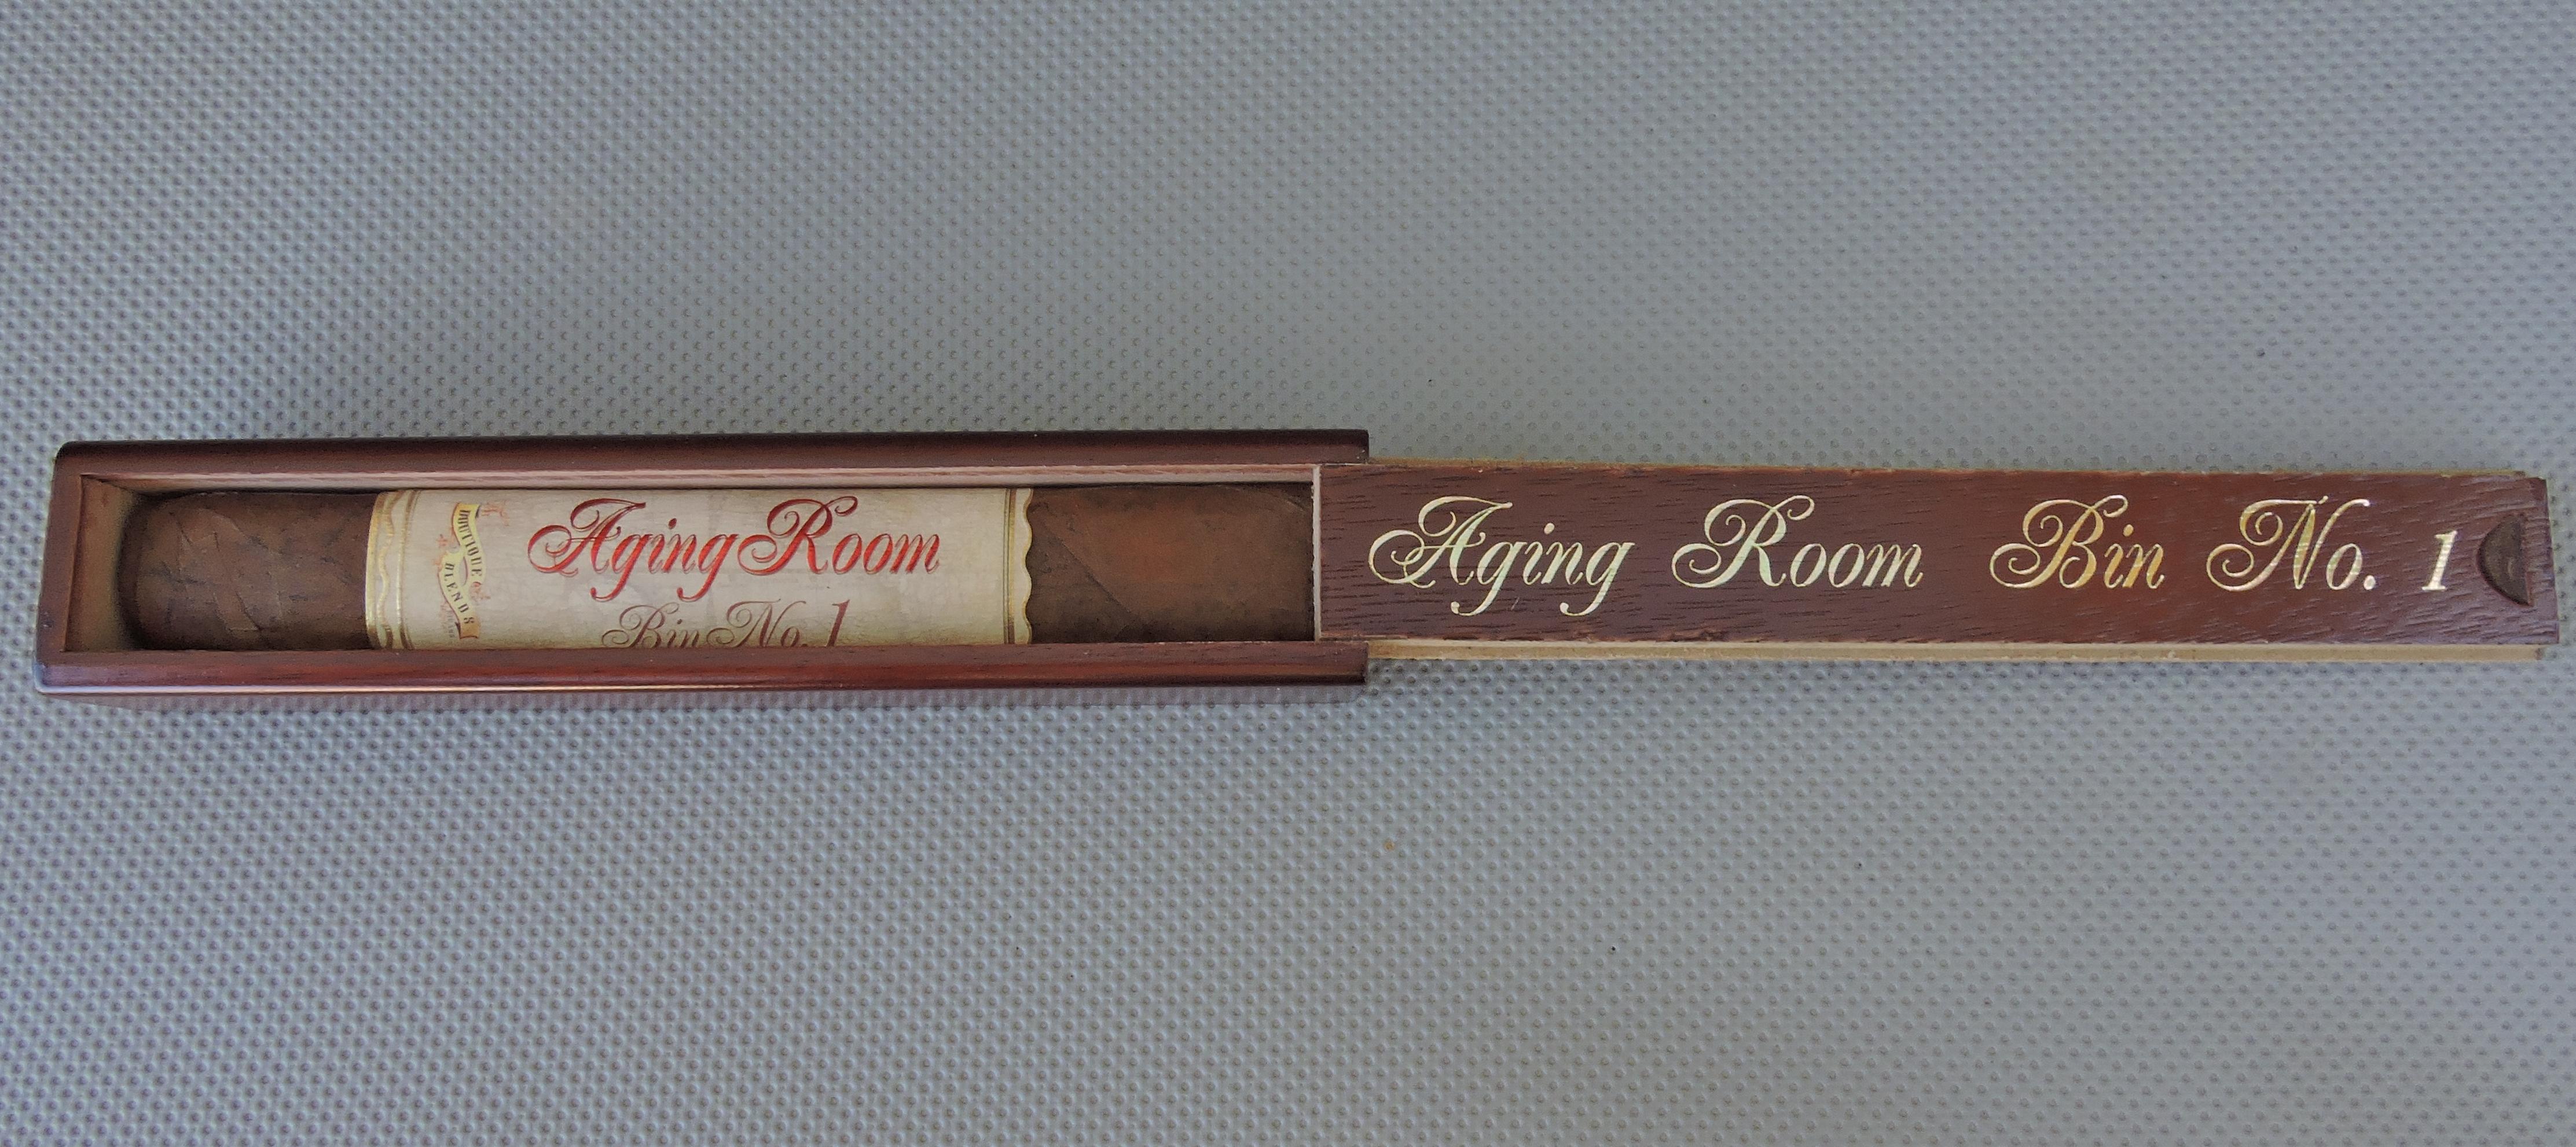 Aging_Room_Bin_No.1_D_Major_Open_Coffin